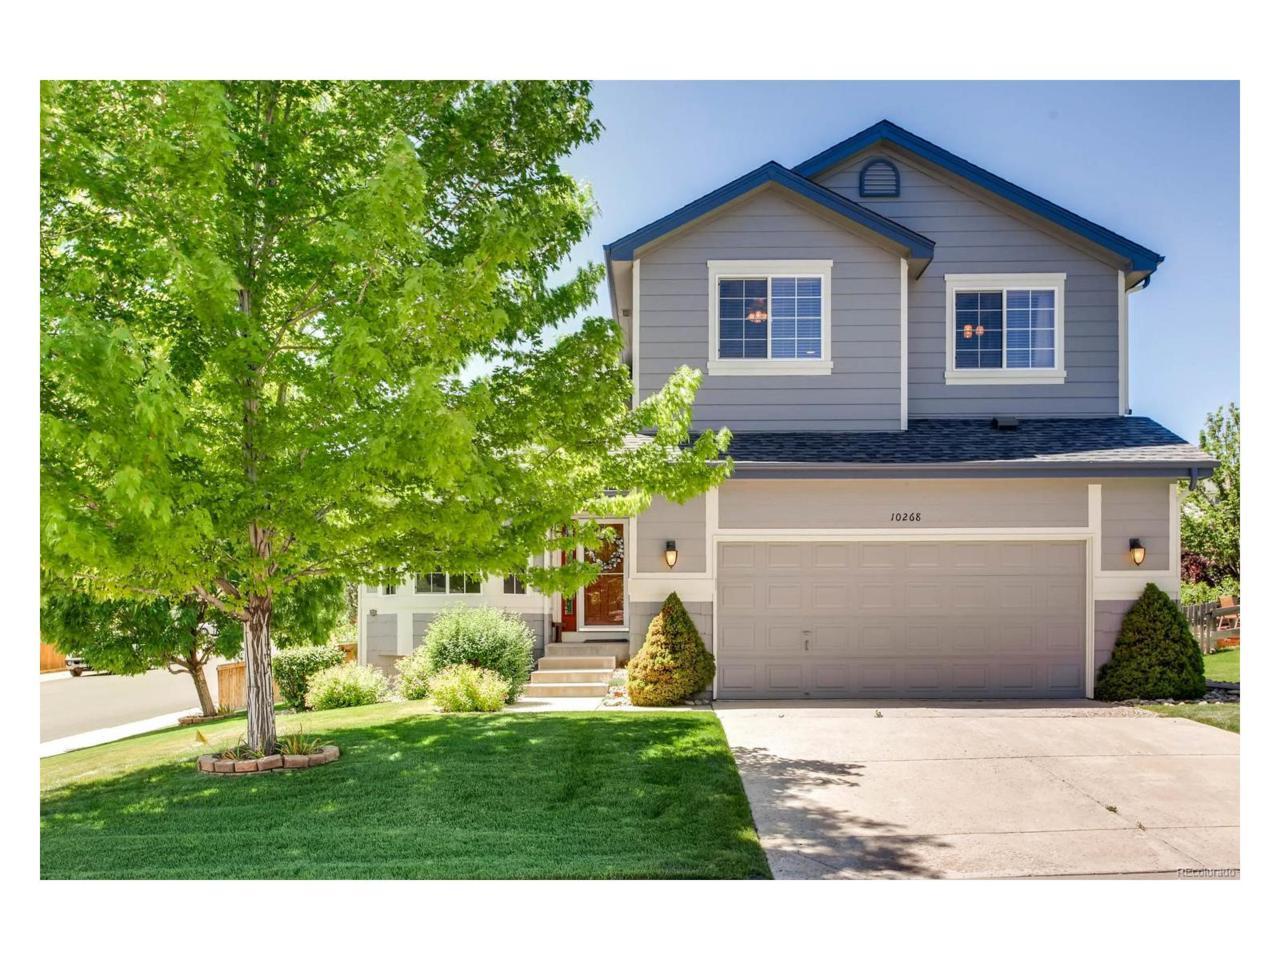 10268 Royal Eagle Street, Highlands Ranch, CO 80129 (MLS #1937279) :: 8z Real Estate